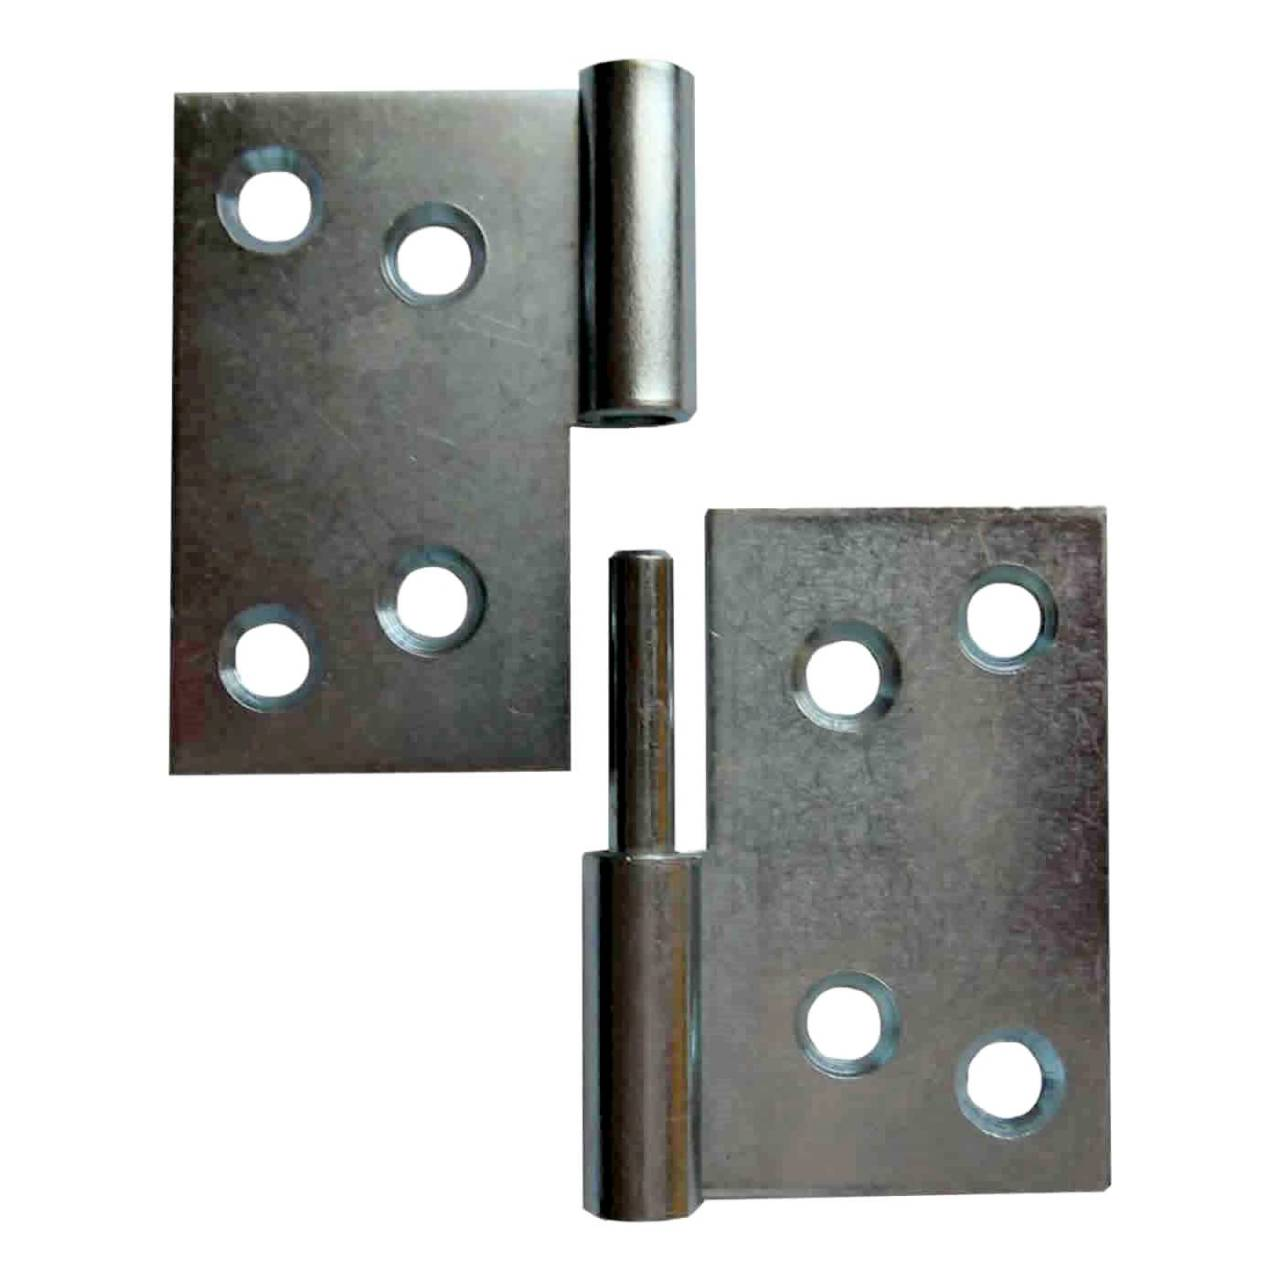 Aushebescharnier vz Links 80 x 120 x 2,0 mm / Pck a 2 Stück